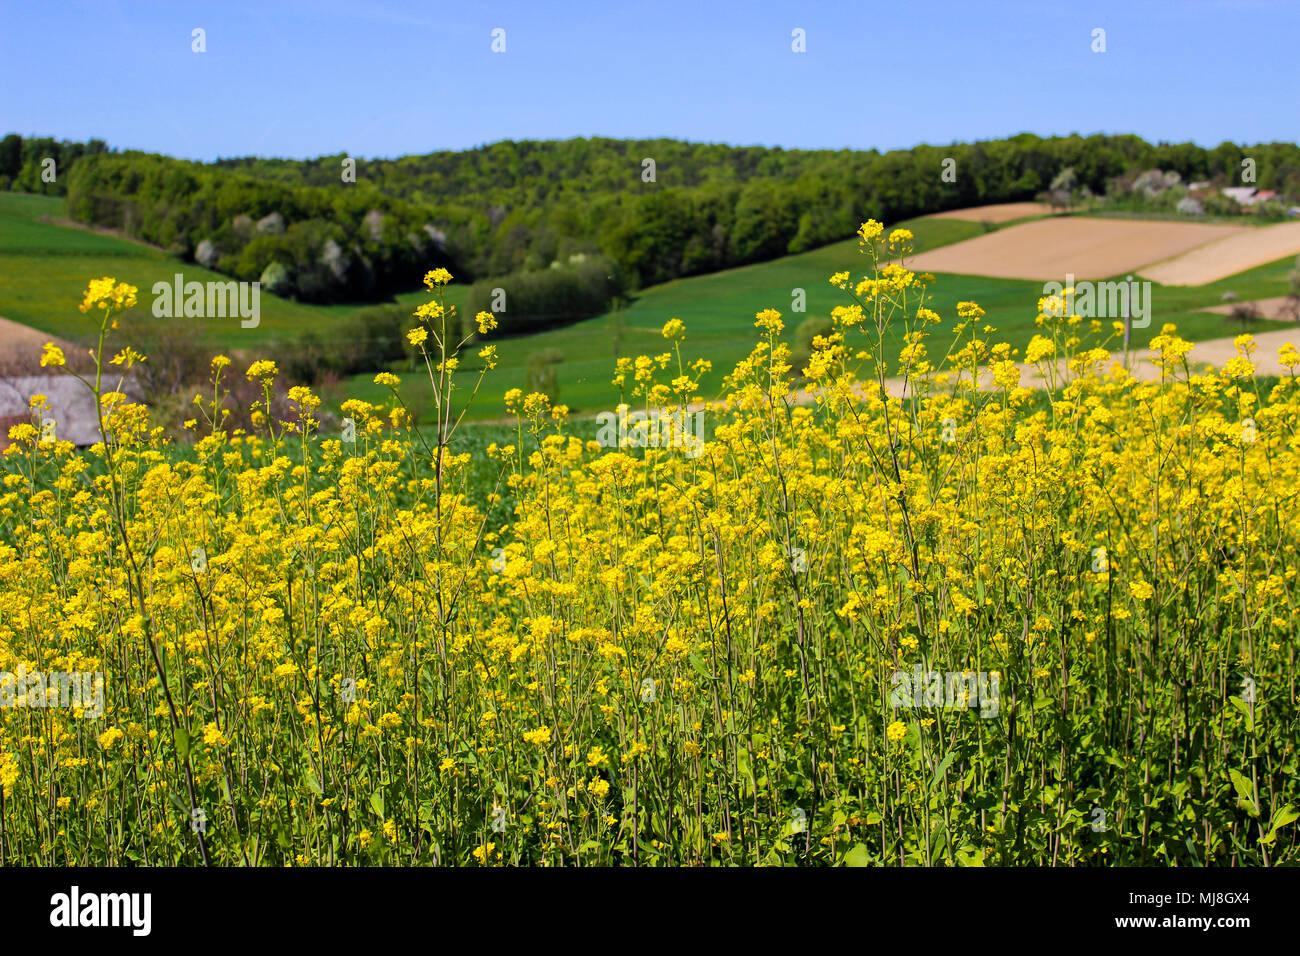 Erba Con Fiori Gialli.Fiori Gialli Con Erba E Campo Arato In Background Foto Immagine